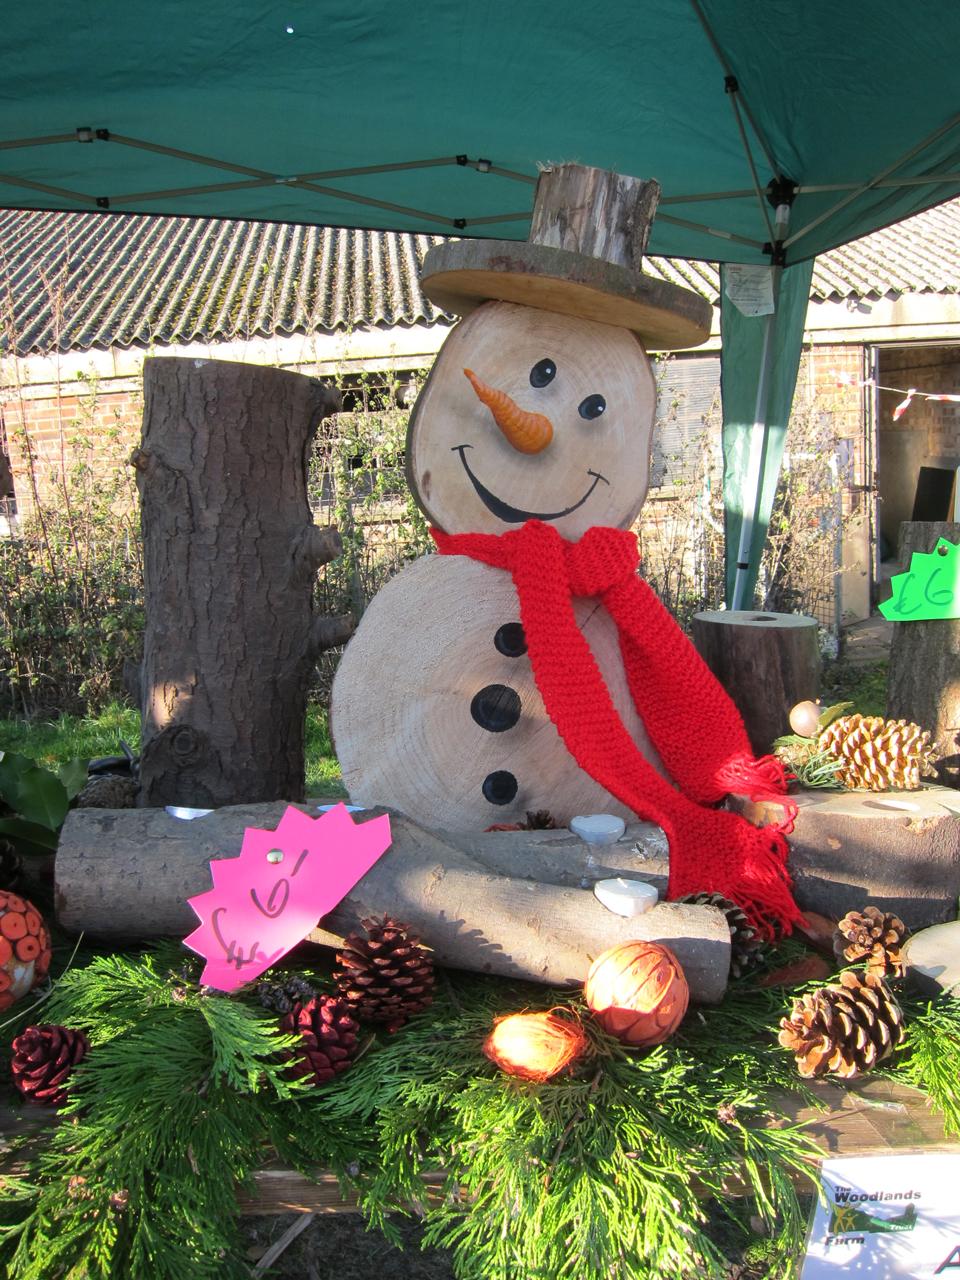 Snowman on the Farm stall